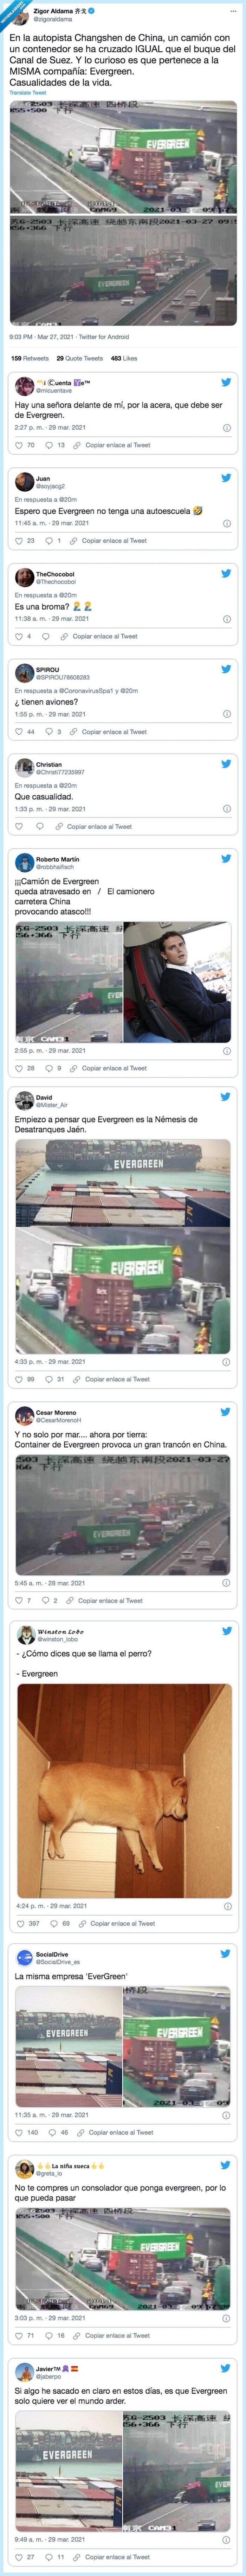 autopista,casualidades,compañía,contenedor,evergreen,pertenece